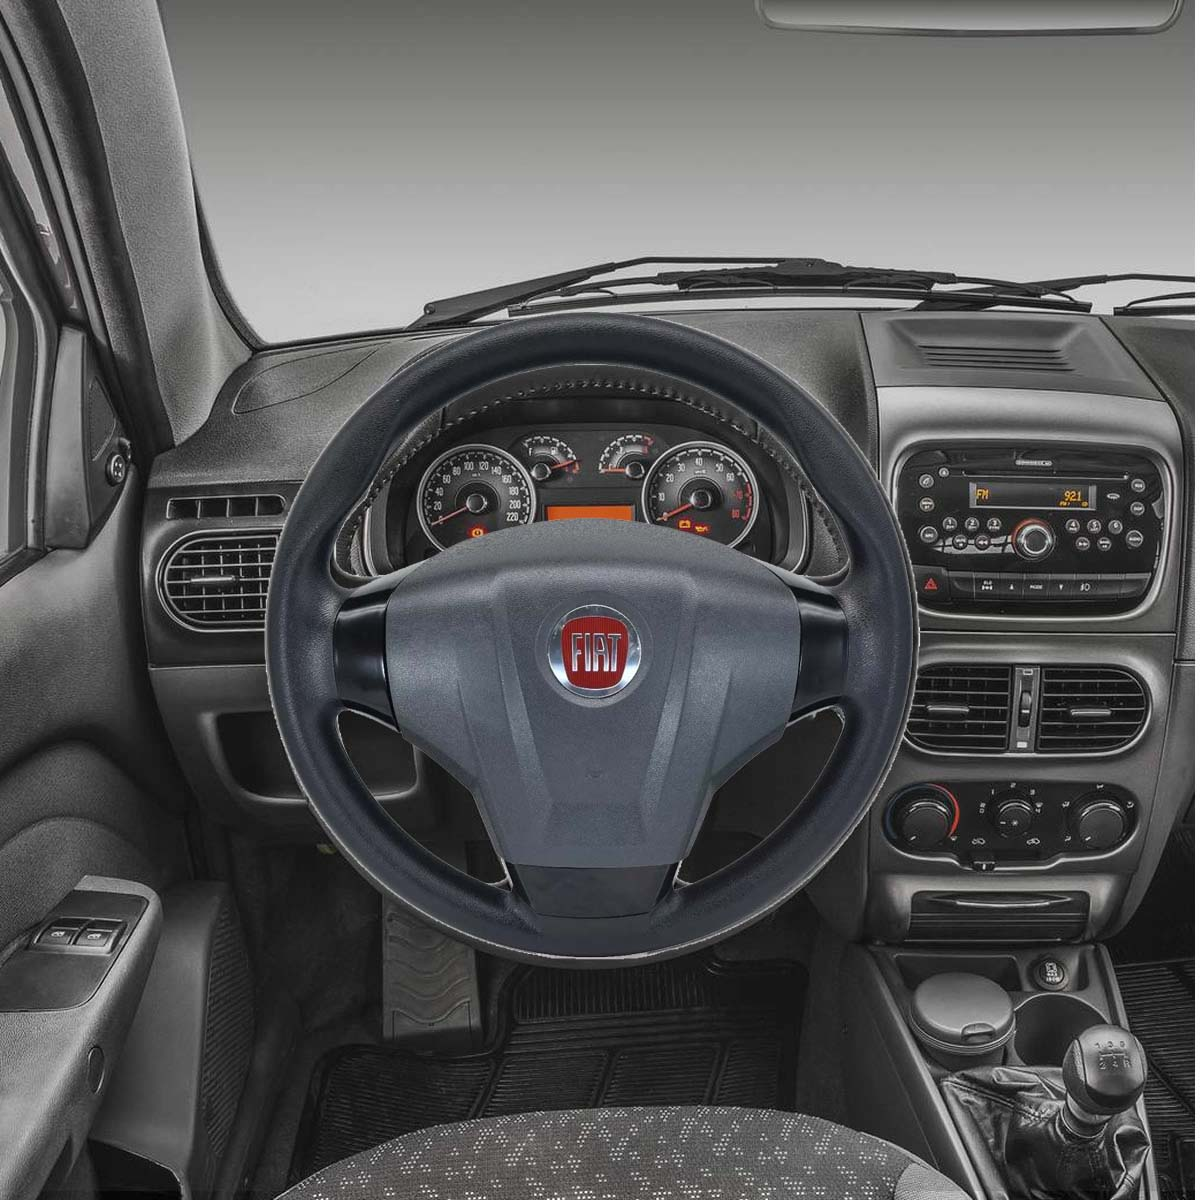 Volante Fiat Novo Idea Esportivo Cubo Palio Uno 1983 a 2013 Idea Stilo Strada Siena Punto